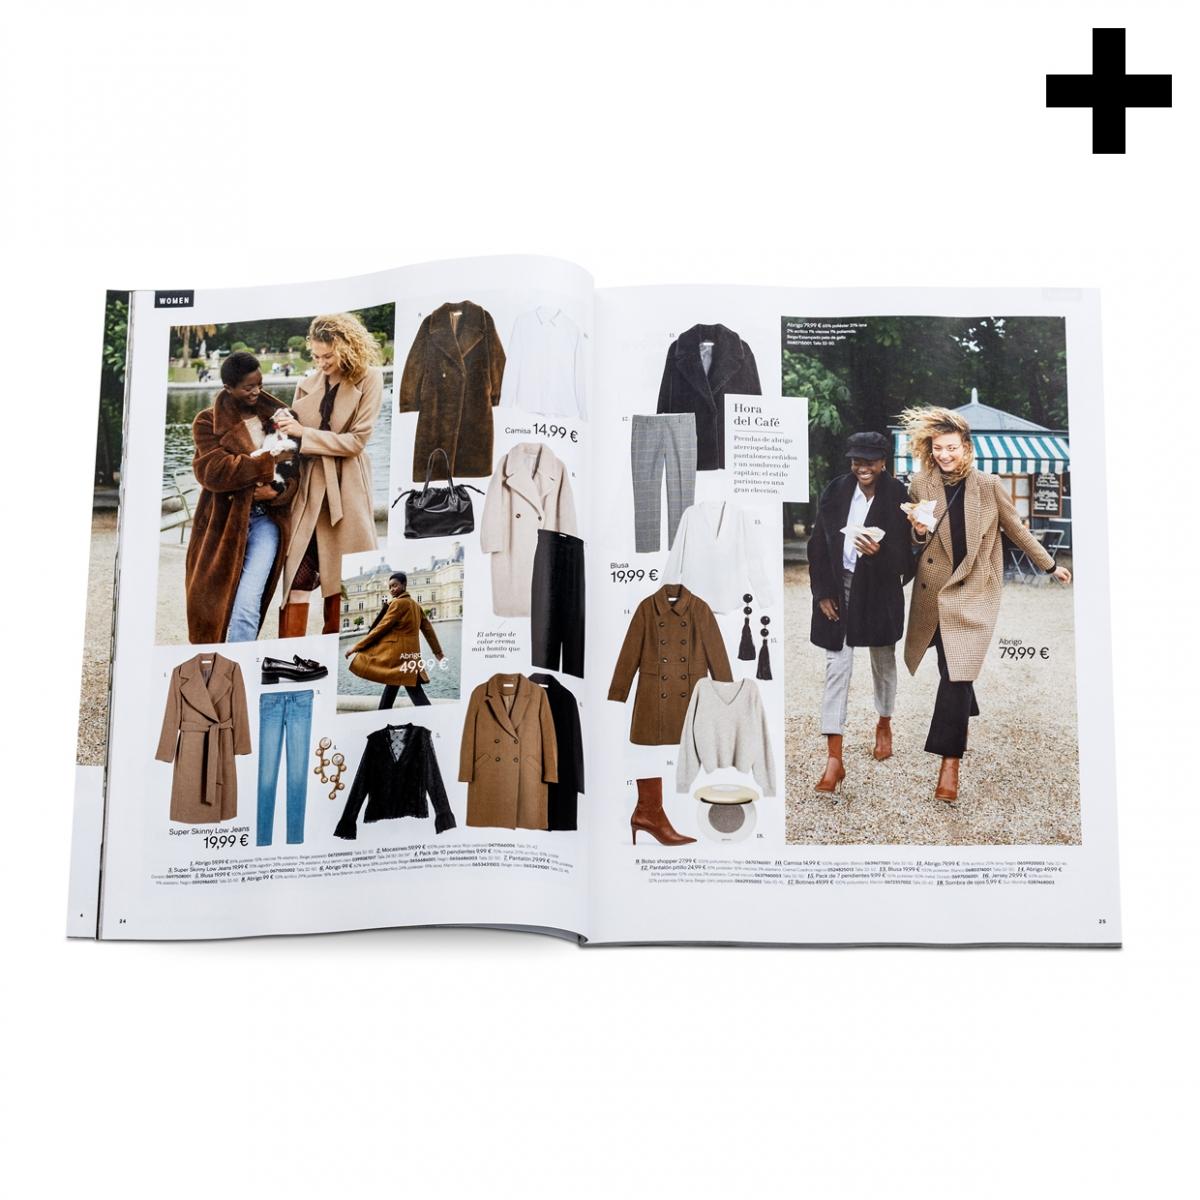 Imagen en la que se ve el plural del concepto catálogo de ropa